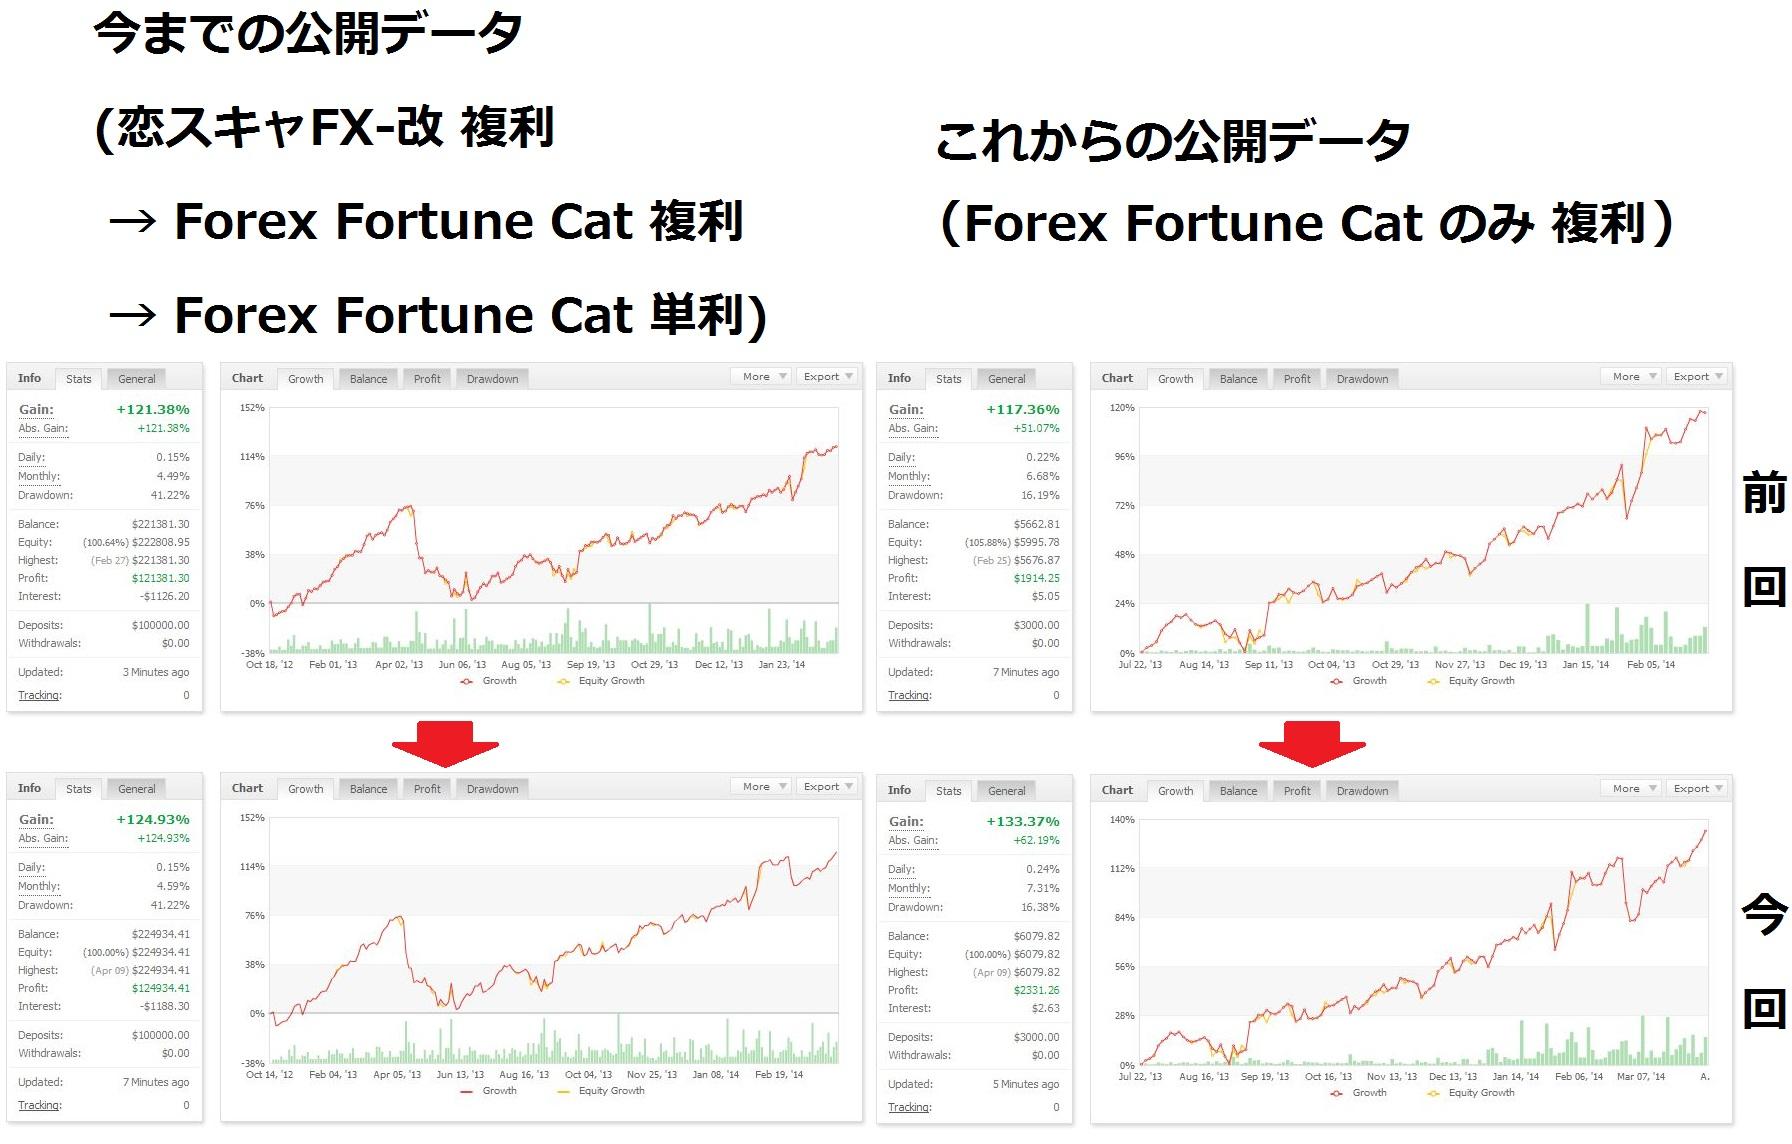 KoisukyaFX-kai_Forex-Fortune-Cat_20121014-20140409-2